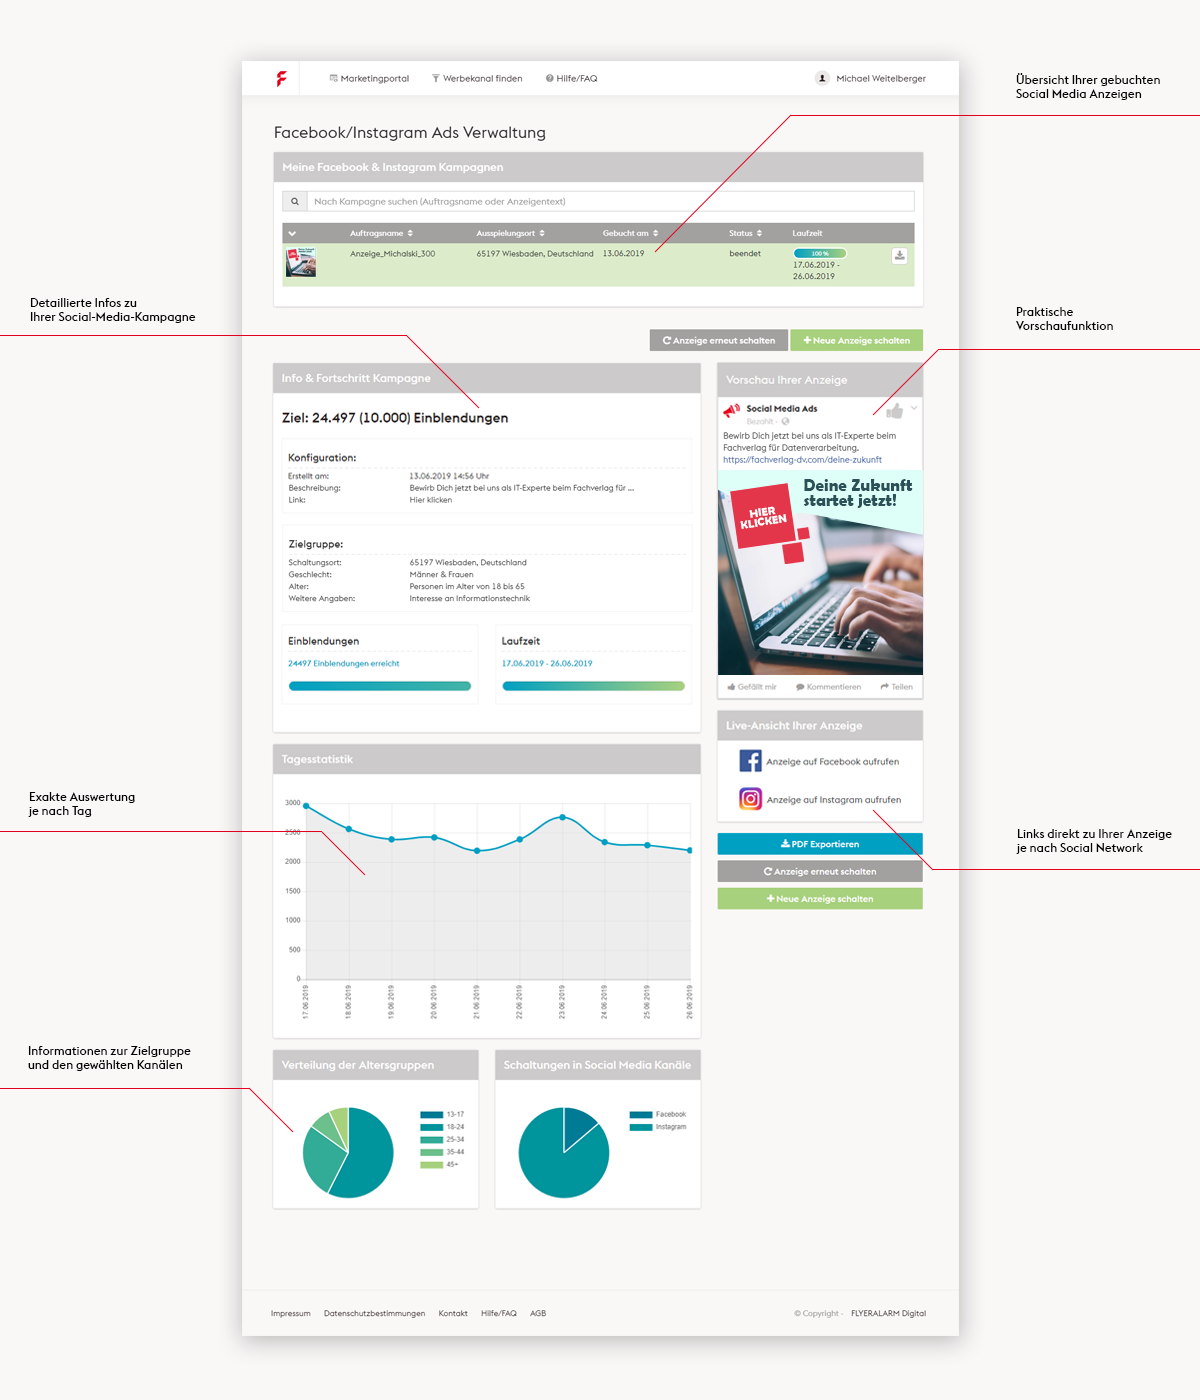 Das Cockpit für Ihre Werbeanzeigen auf Facebook/Instagram: Unser Online-Marketing-Portal